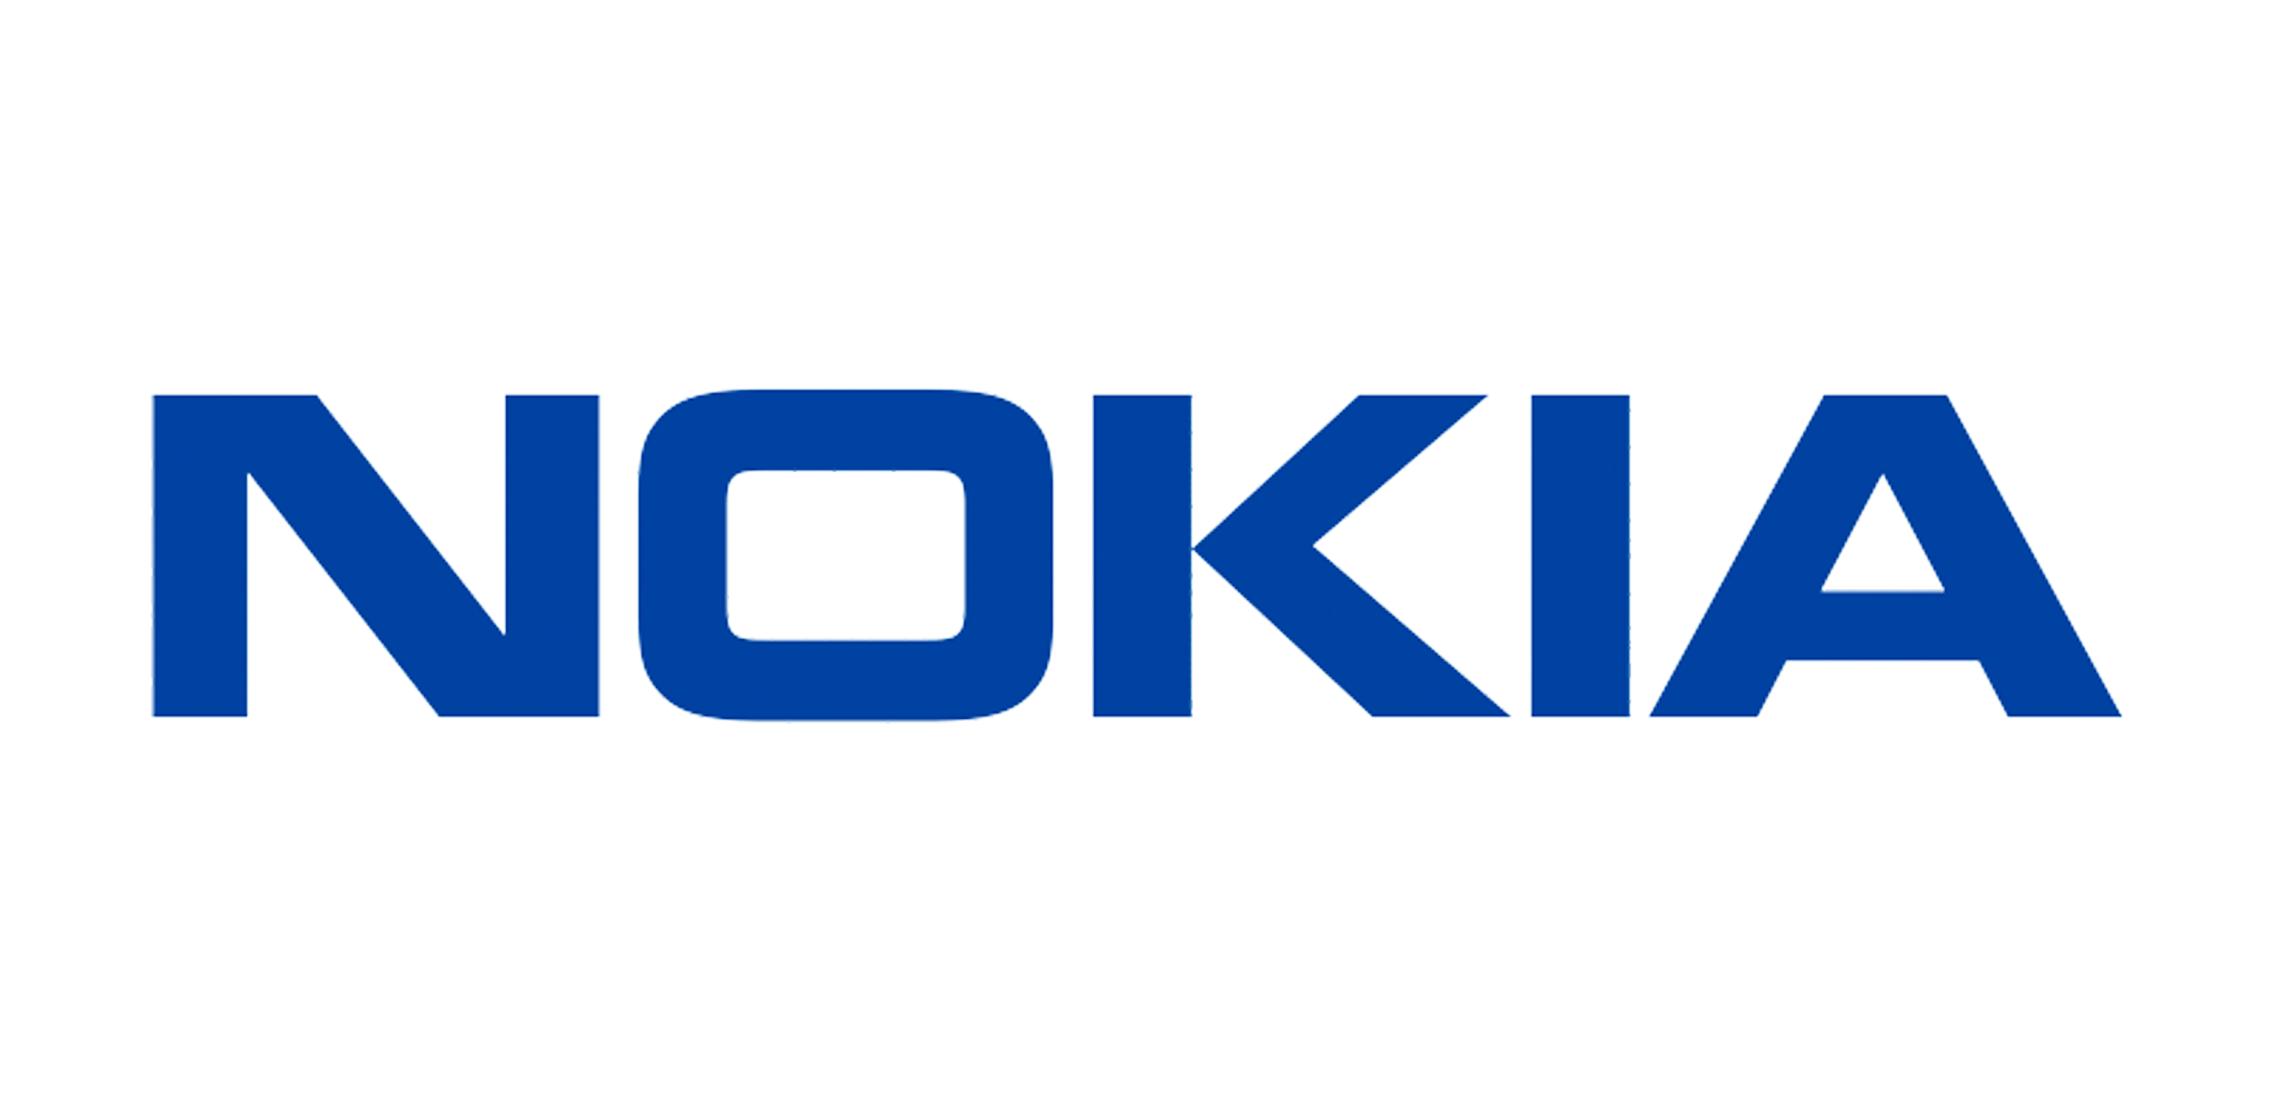 8. Nokia